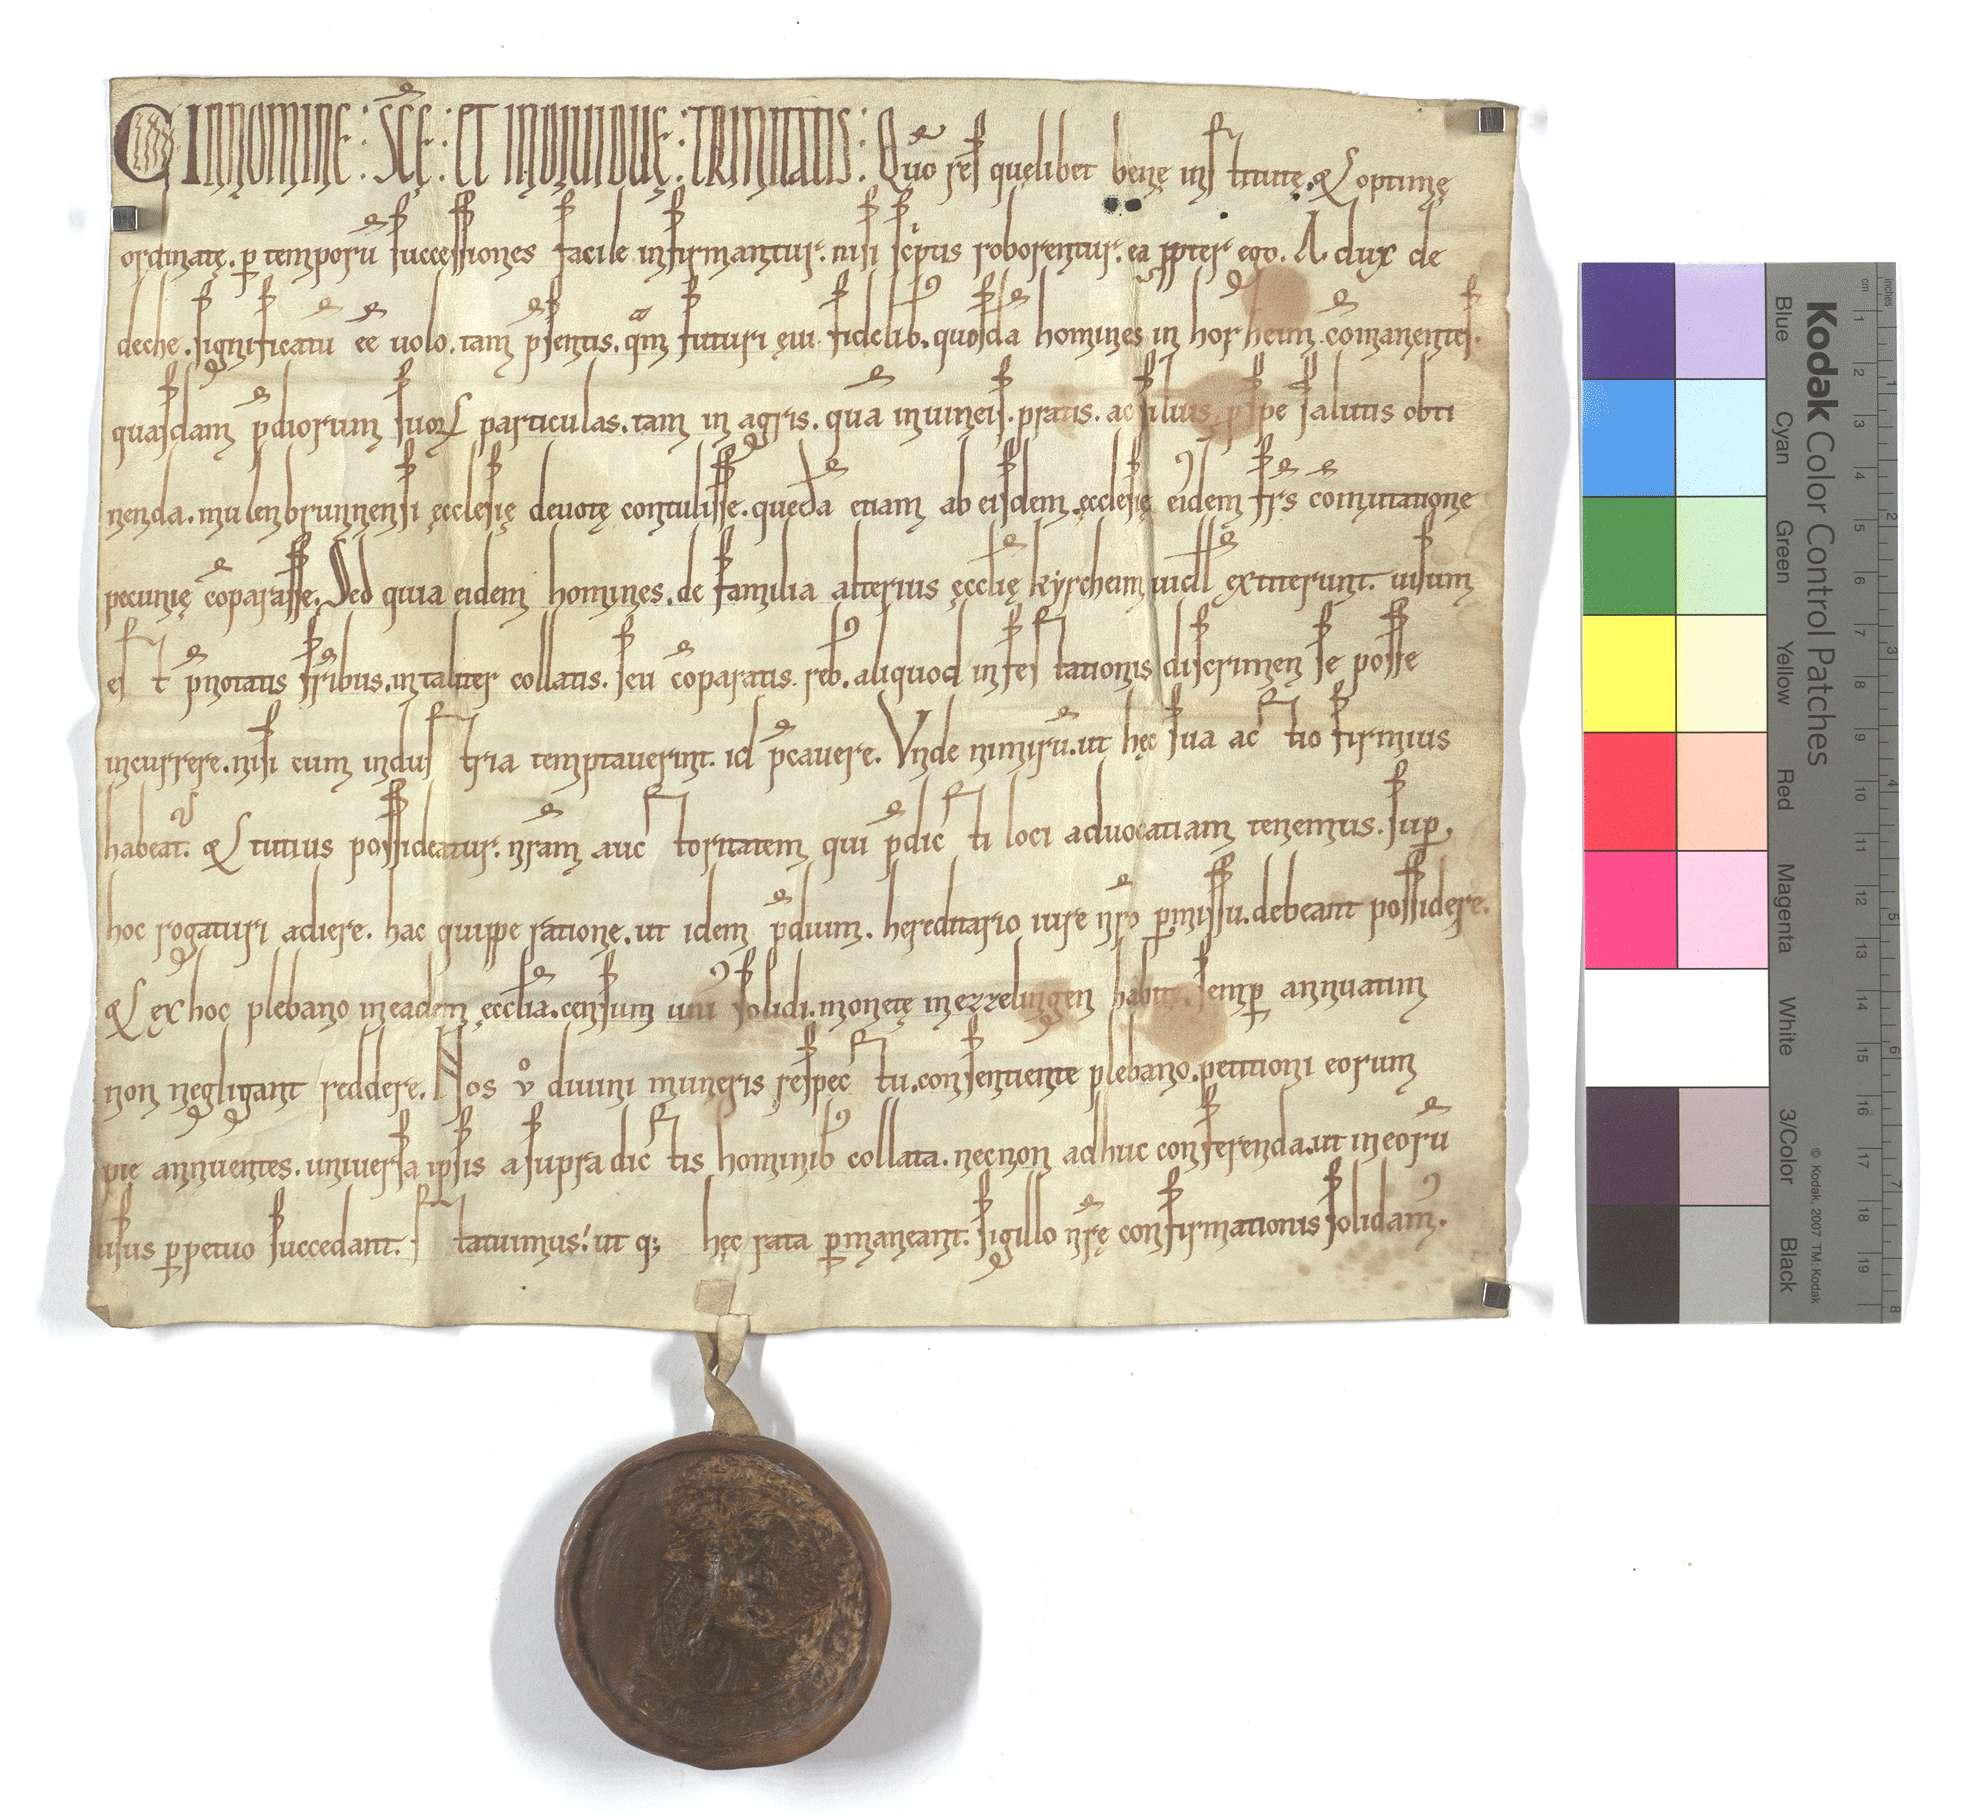 Herzog Adelbert von Teck genehmigt als Vogt die Schenkung und den Verkauf von Gütern durch in Horrheim wohnende Leute der Kirchheimer Kirche an das Kloster Maulbronn., Text